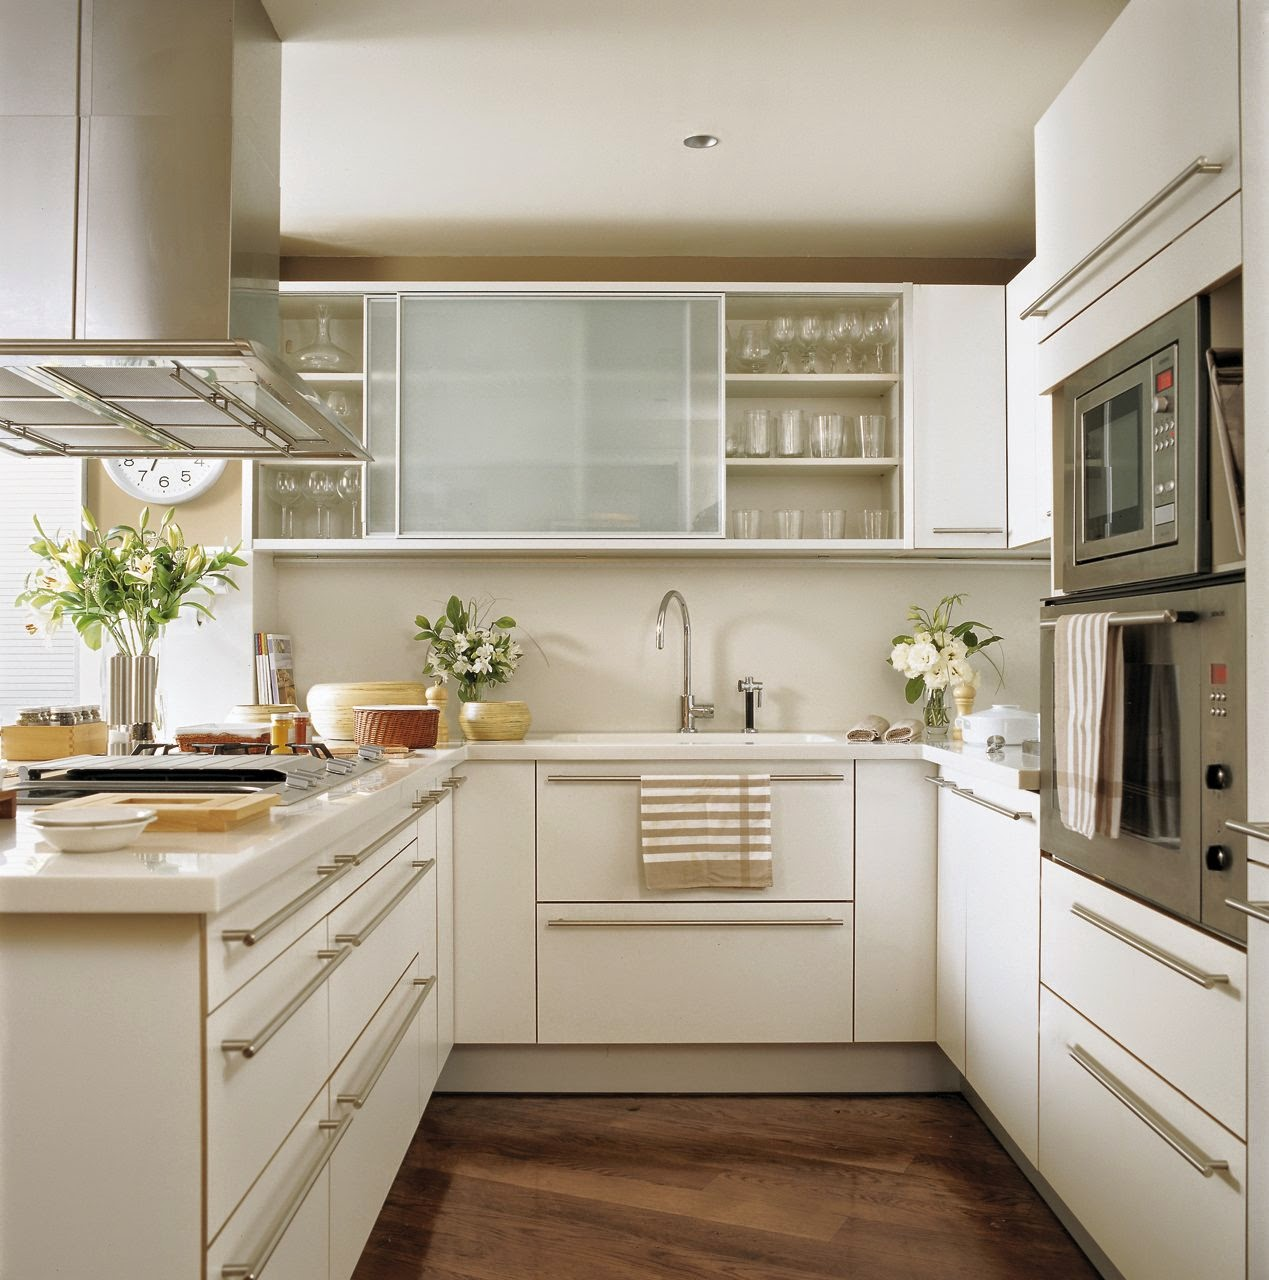 #937138 Tem pouco espaço em sua cozinha? Mesmo que a sua cozinha tenha poucos  1269x1280 px Idéias Cozinha Pequena Concepção_350 Imagens